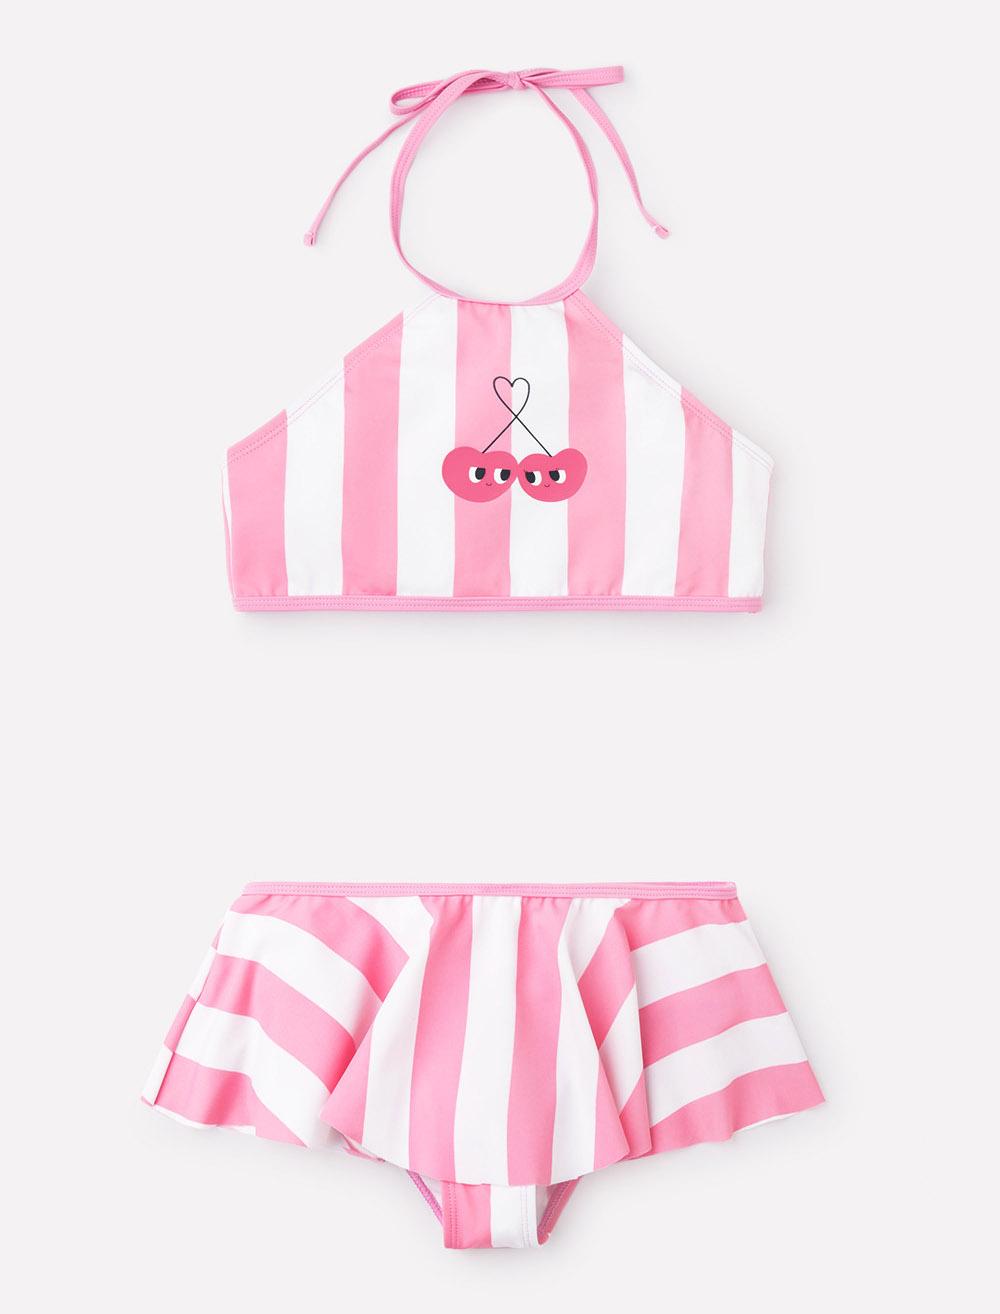 ТК 17008/4н ХФ купальный костюм для девочки 122-146